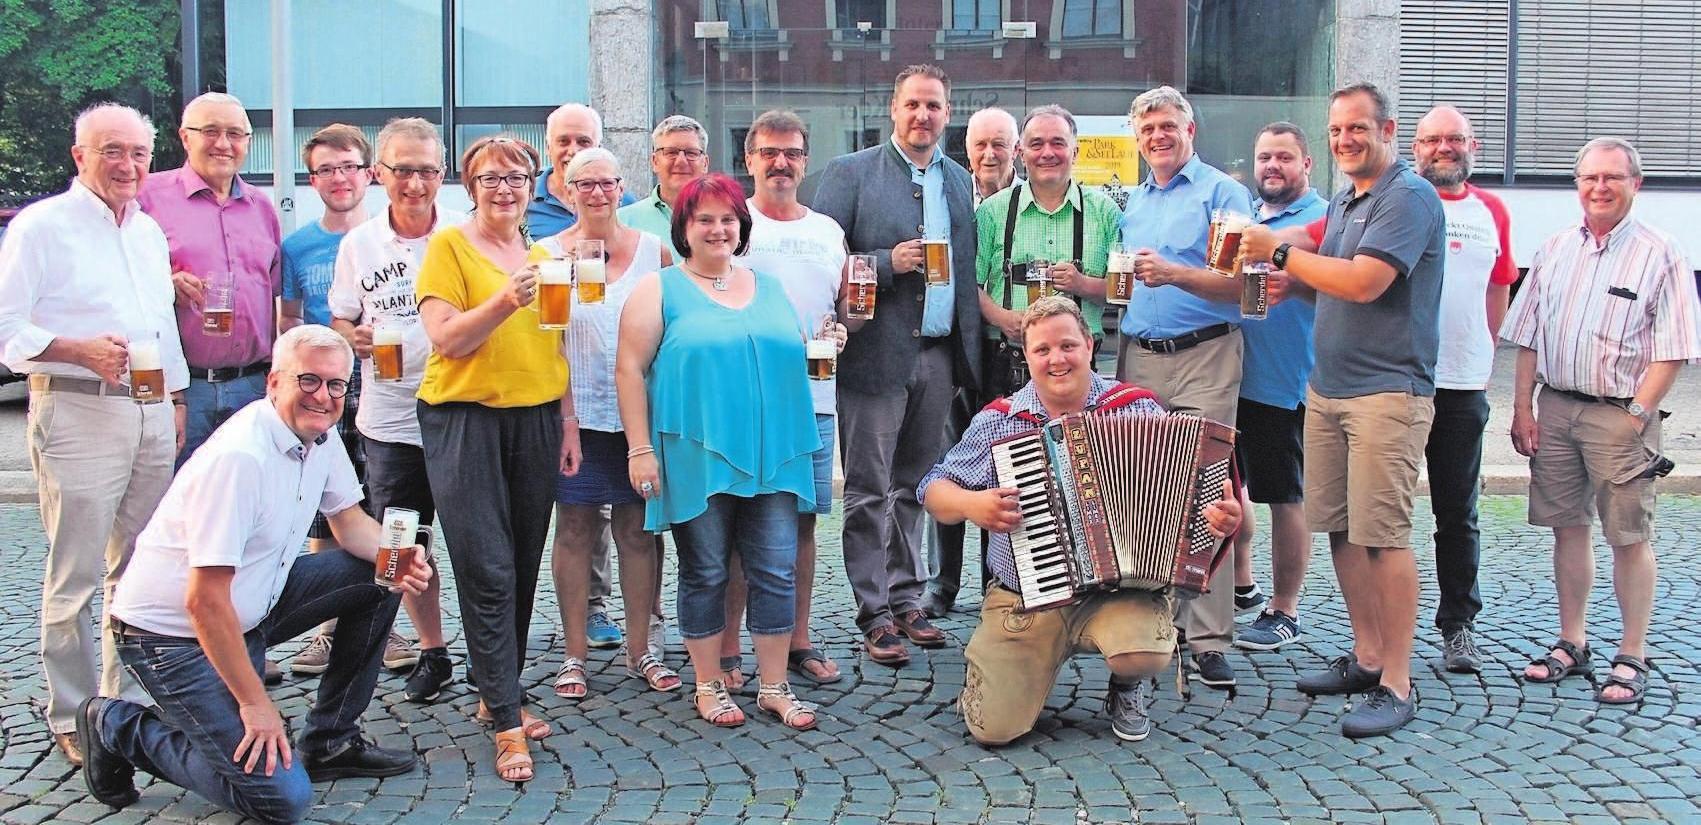 Das Münchberger Wiesenfest steht an, das Bier ist eingebraut und es schmeckt. Davon hat sich die Abordnung aus Bürgermeistern, Stadträten, Stadtverwaltung und Schützengesellschaft als Festwirt auf Einladung der Scherdel Bräu in Hof überzeugt. Auch heuer wird die Maß Bier zum Wiesenfest wieder 6,40 Euro kosten.